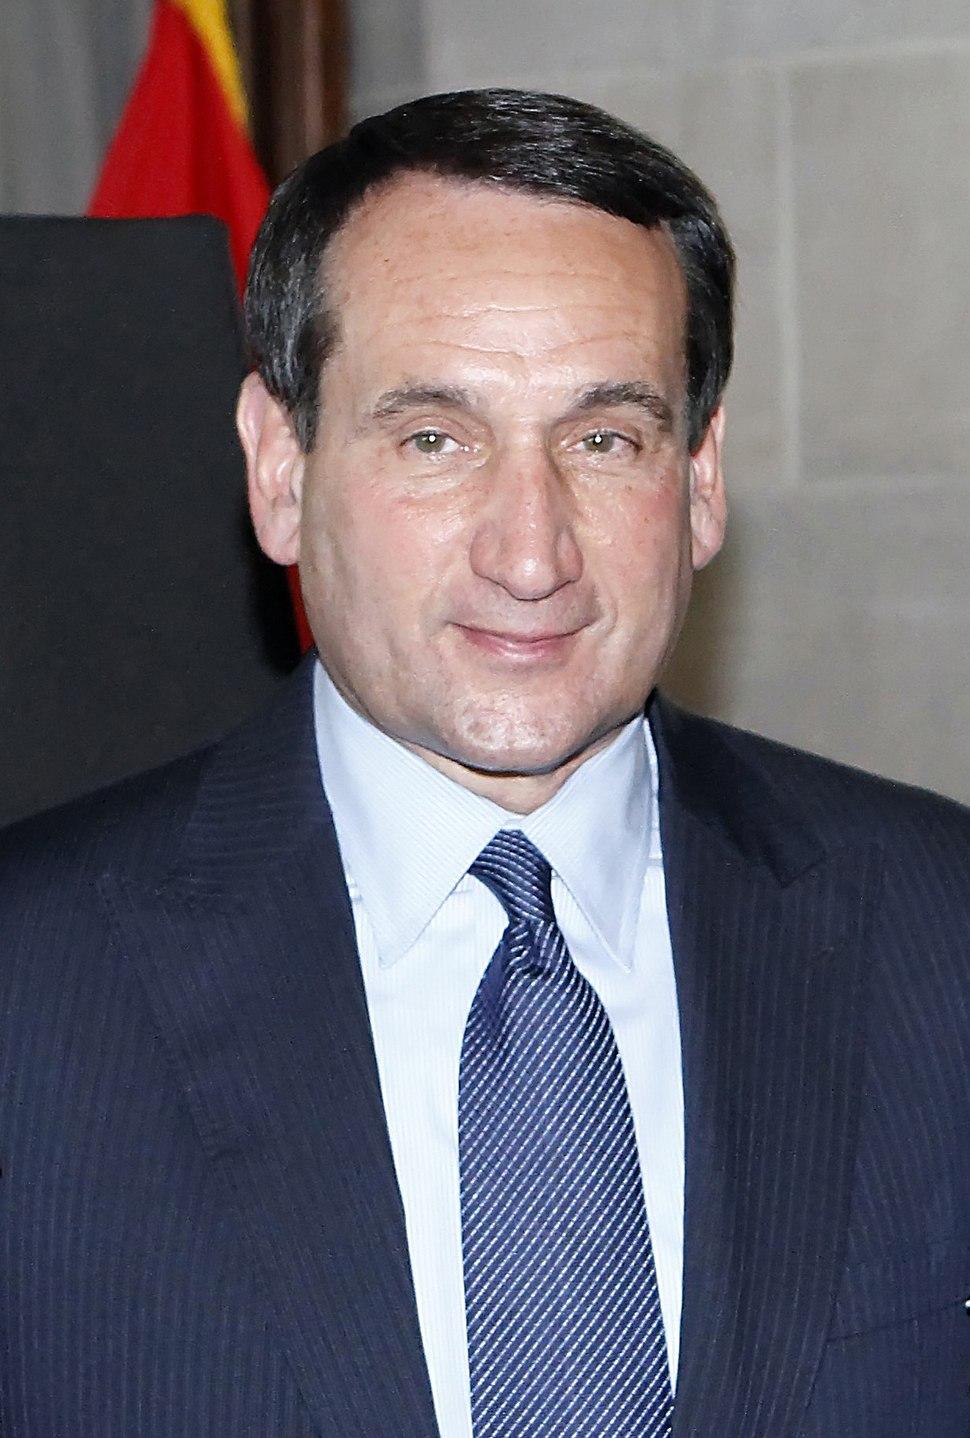 Mike Krzyzewski in 2011 (cropped)